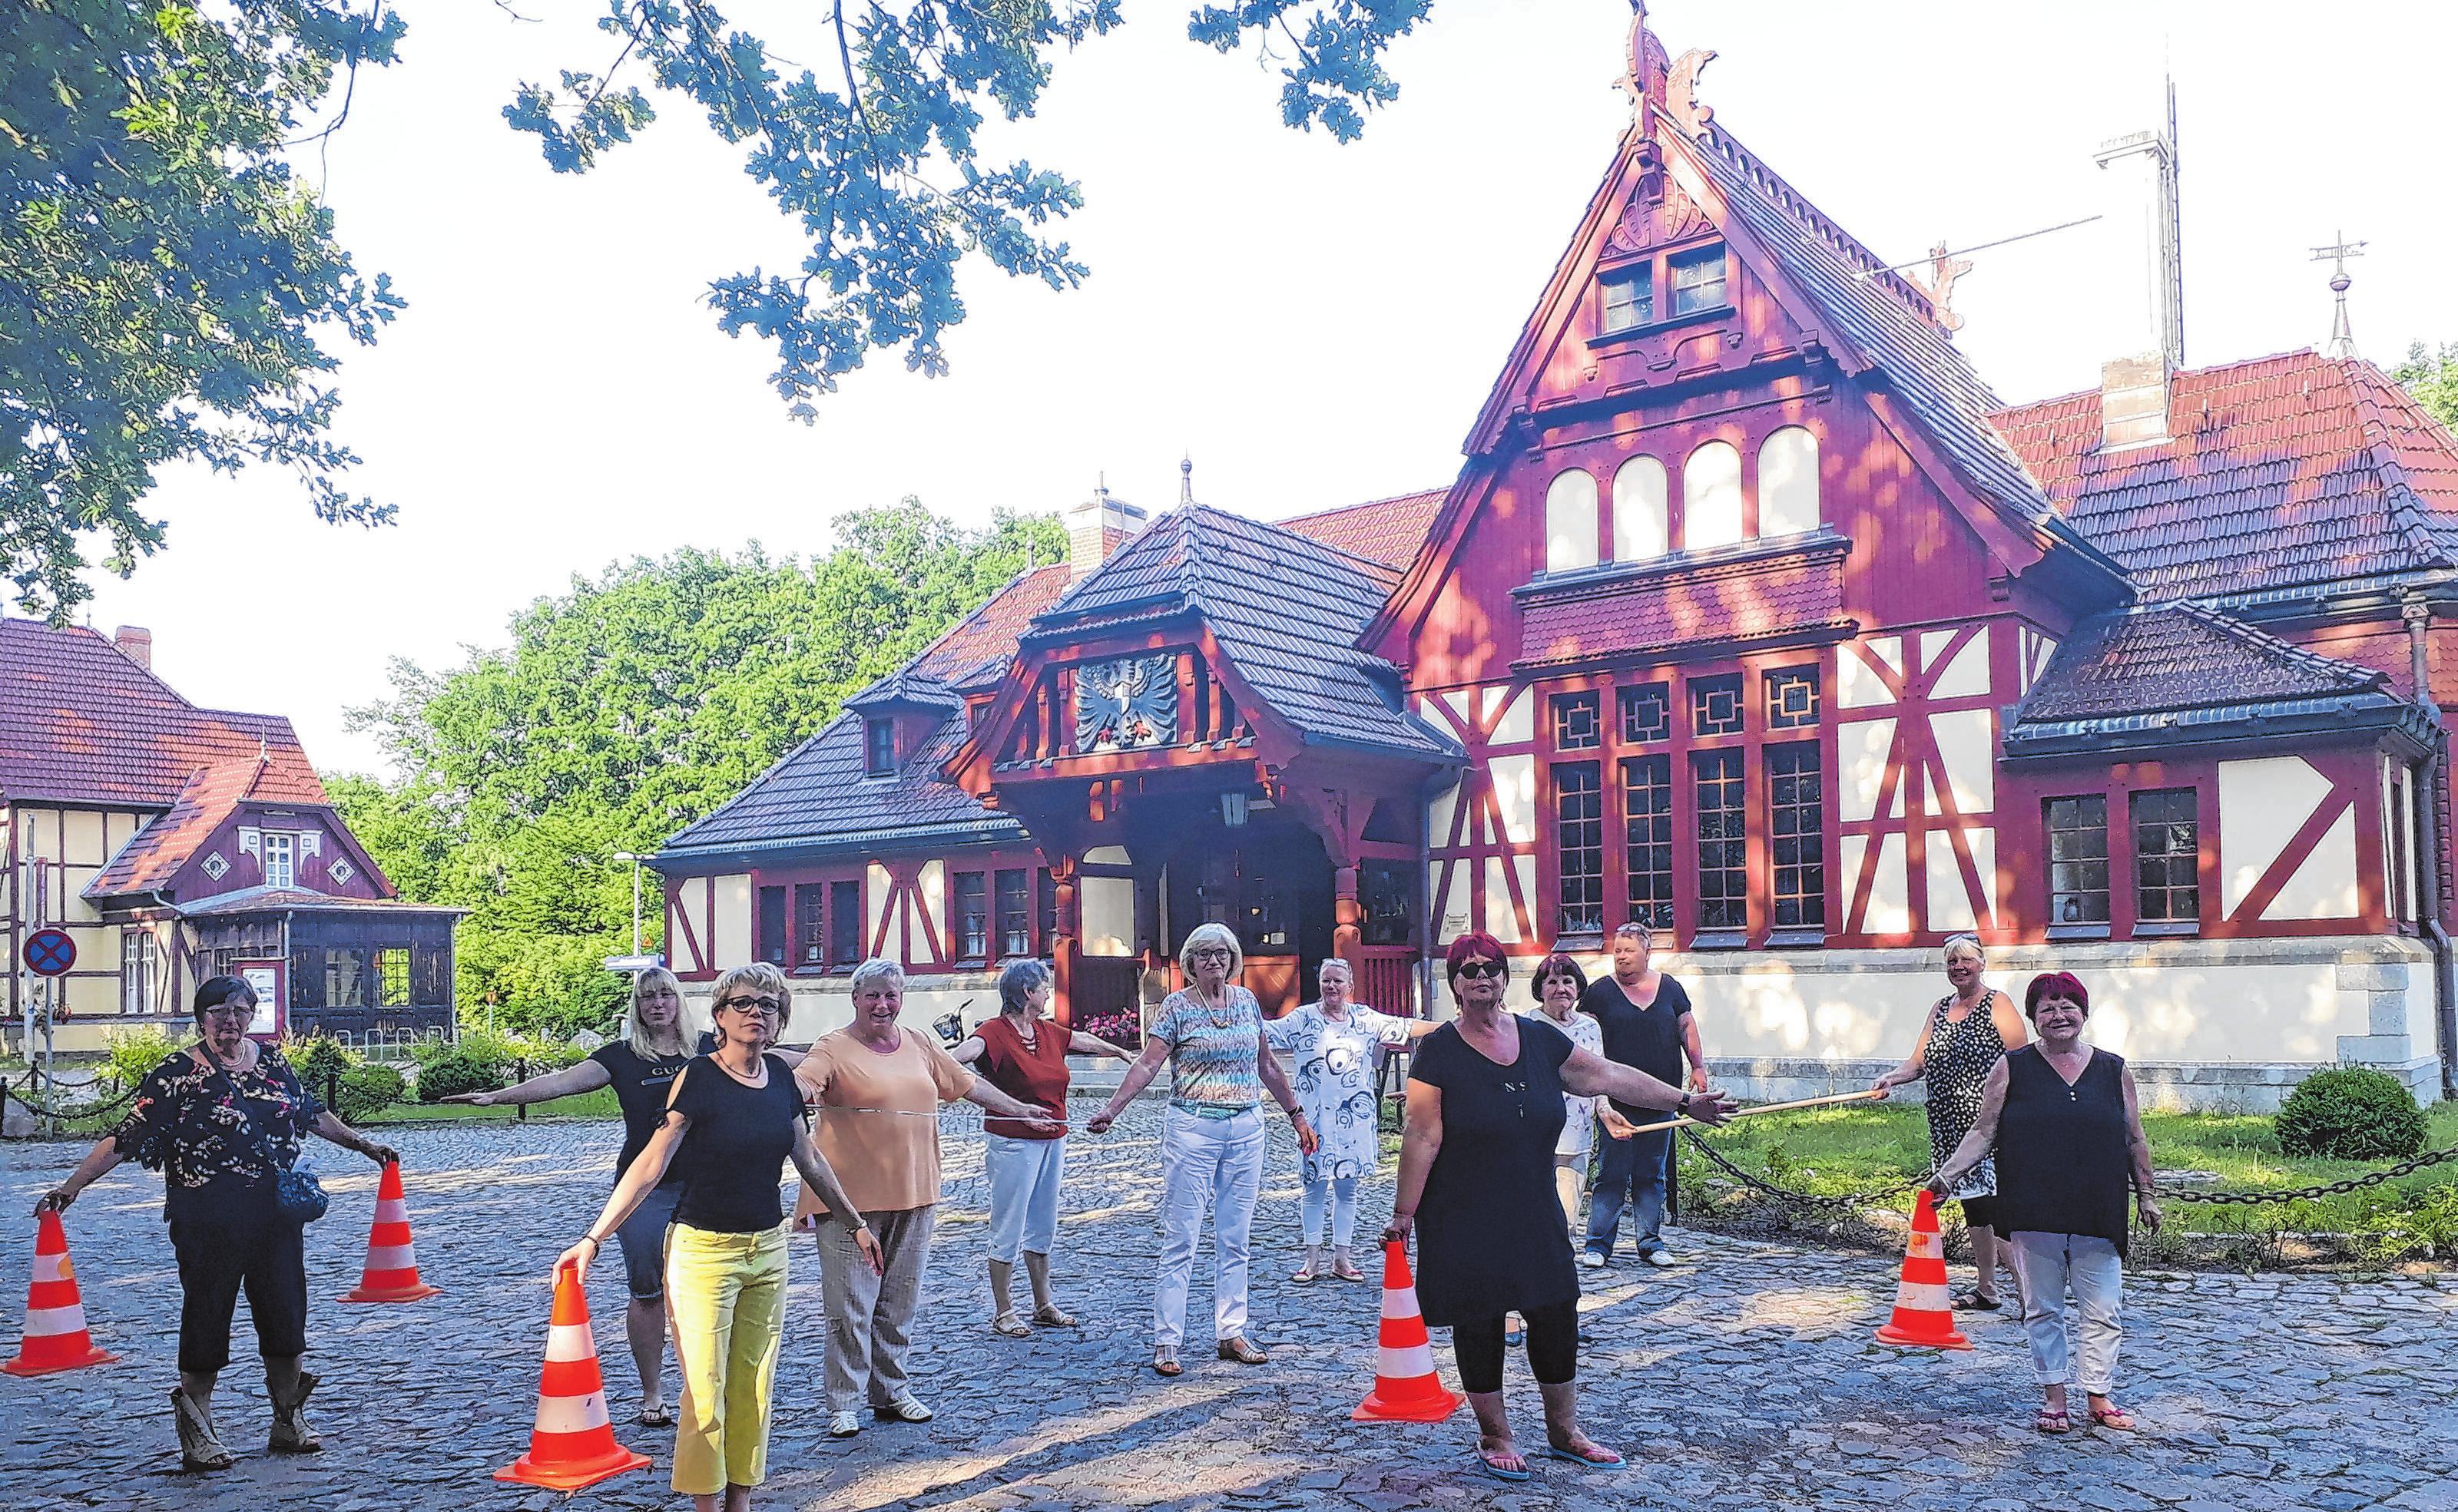 Die Frauen vom Heimatverein Joachimsthal bereiten die Fläche für die erste Klappstuhlmitbring- Lesung vor. Foto: saschu